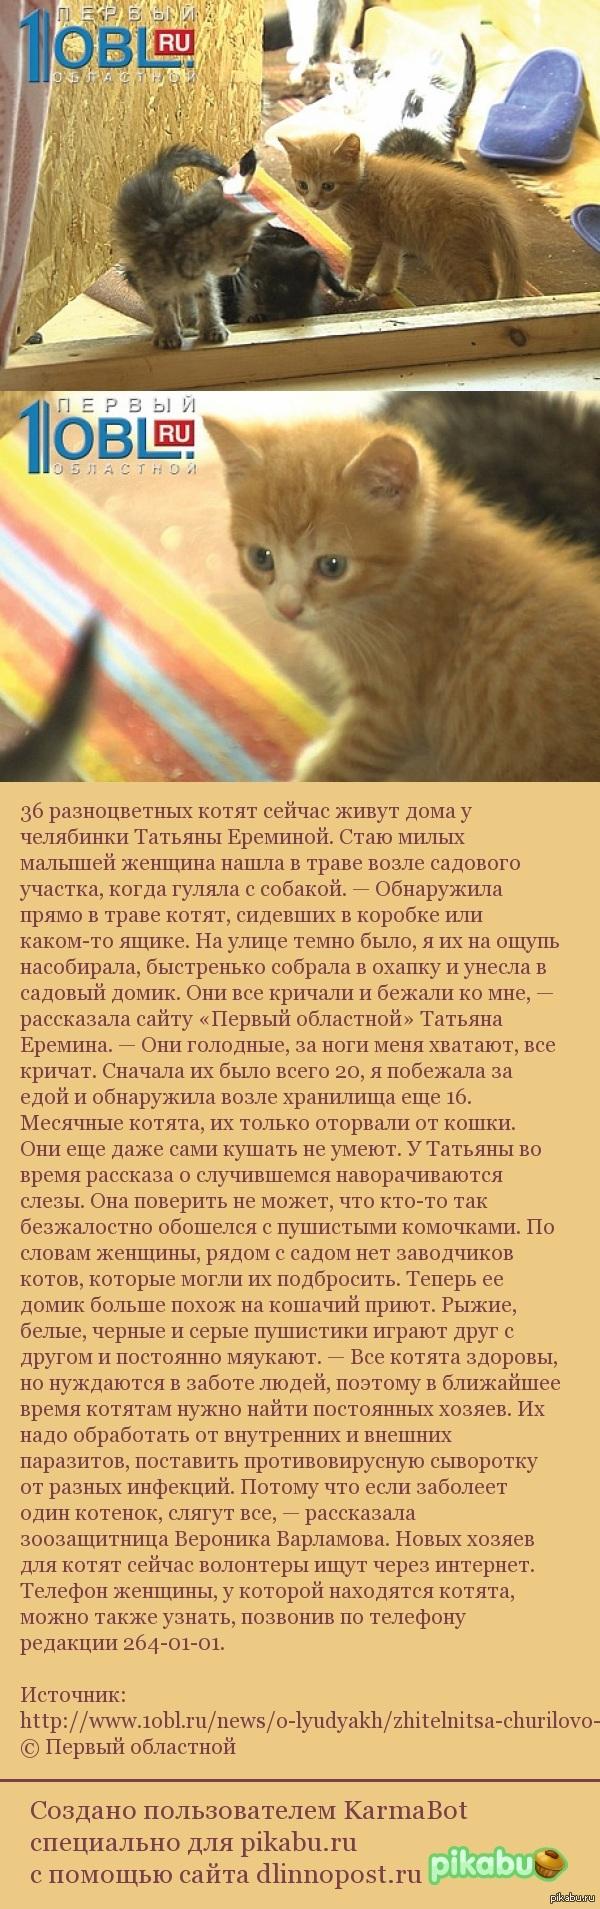 В селе Чурилово, Челябинской области кто-то выбросил 36! котят. Может кто  захочет помочь . Видео внутри.